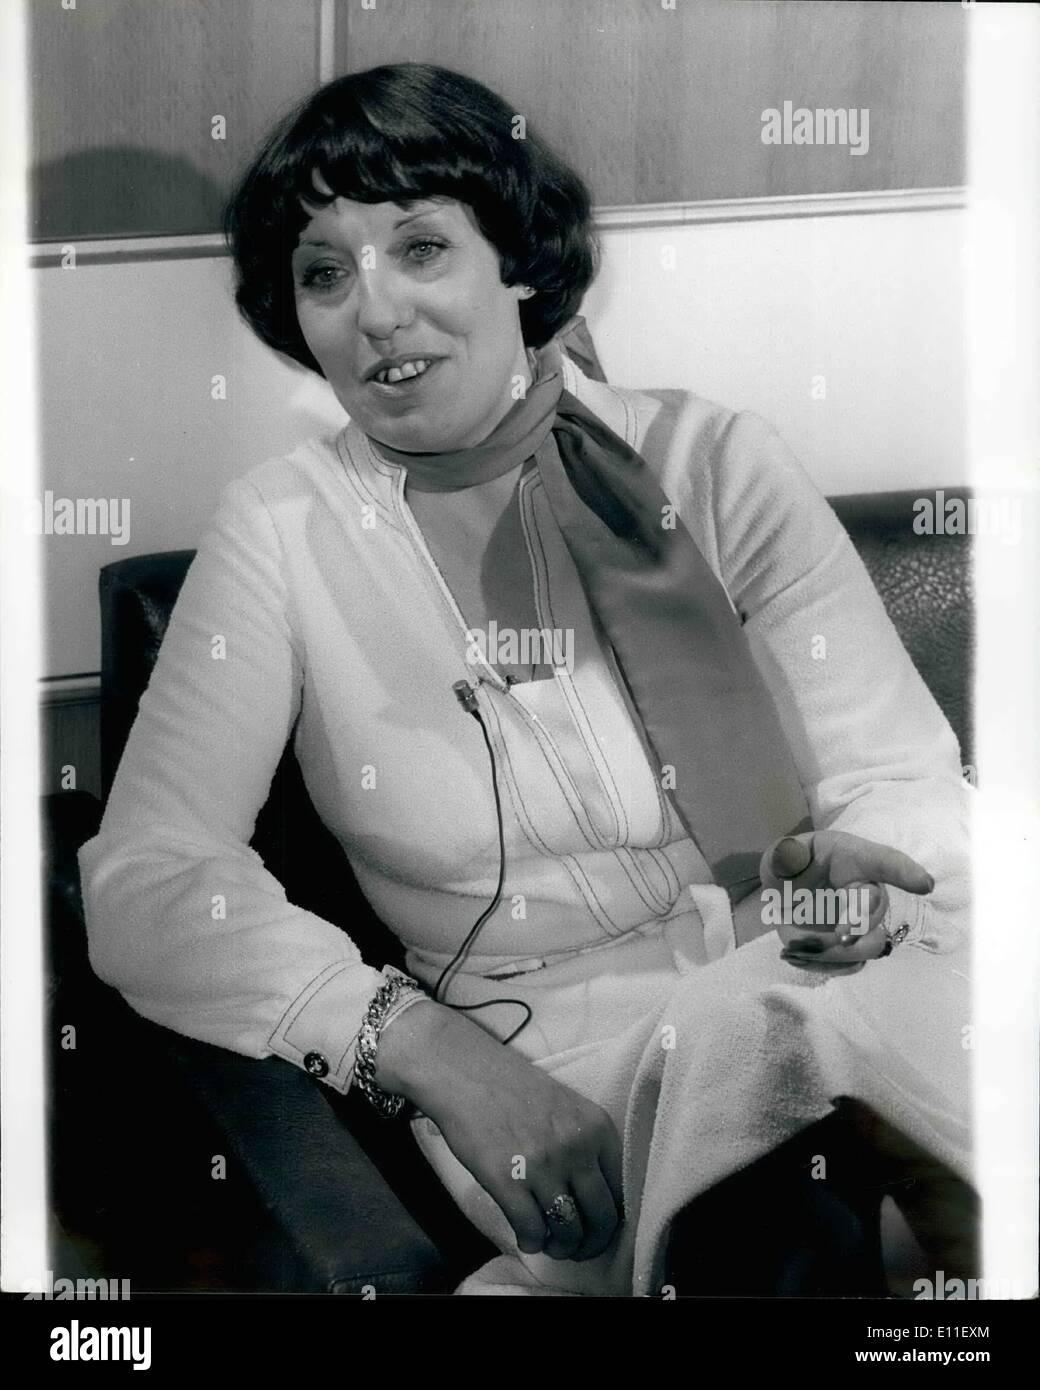 Octubre 10, 1977 - Mujeres Dirigentes del movimiento de paz del Ulster galardonado con el Premio Nobel de la paz: el Premio Nobel de la Paz fue otorgado ayer a la mujer que fundó el movimiento de paz del Ulster. Son Betty Williams y Mairead Corrigan, y el premio será por valor de más de 5.000. Phot muestra la Sra. Betty Williams visto ayer en Londres, después de escuchar la noticia del Premio Nobel de la paz para ella y Miss Mairead Corrigan. Imagen De Stock